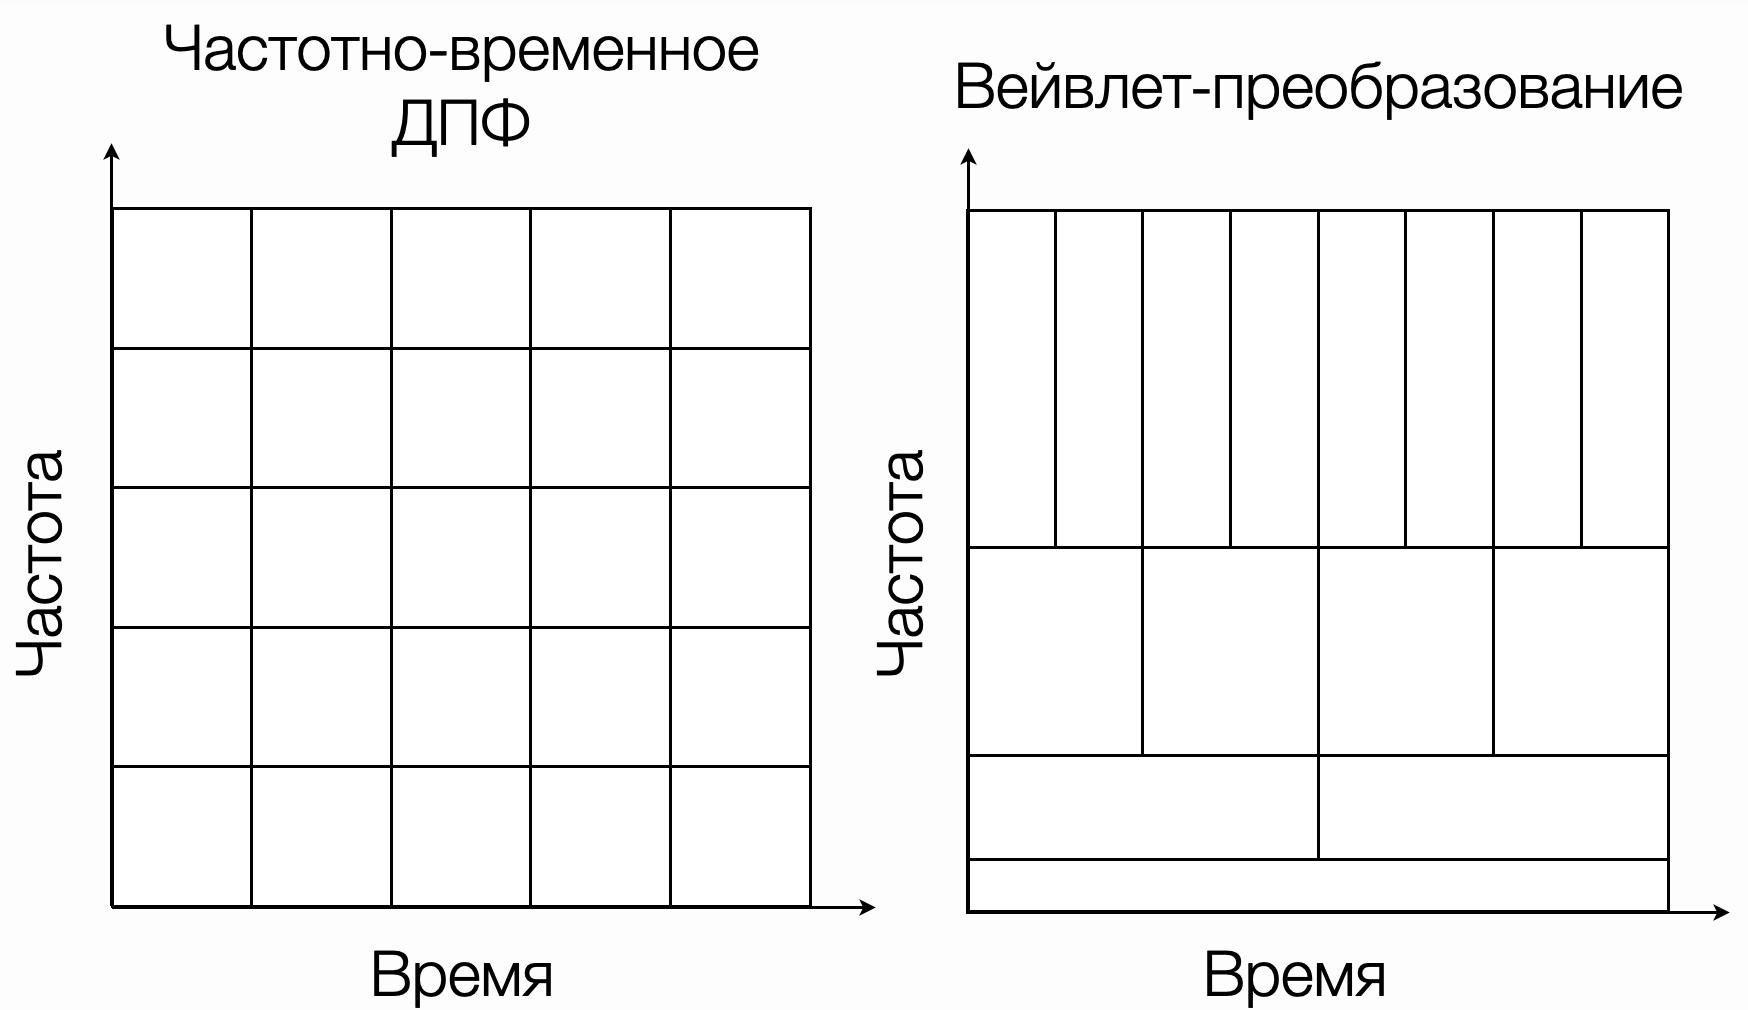 Сравнение частотно-временного преобразования Фурье и Вейвлет-преобразования